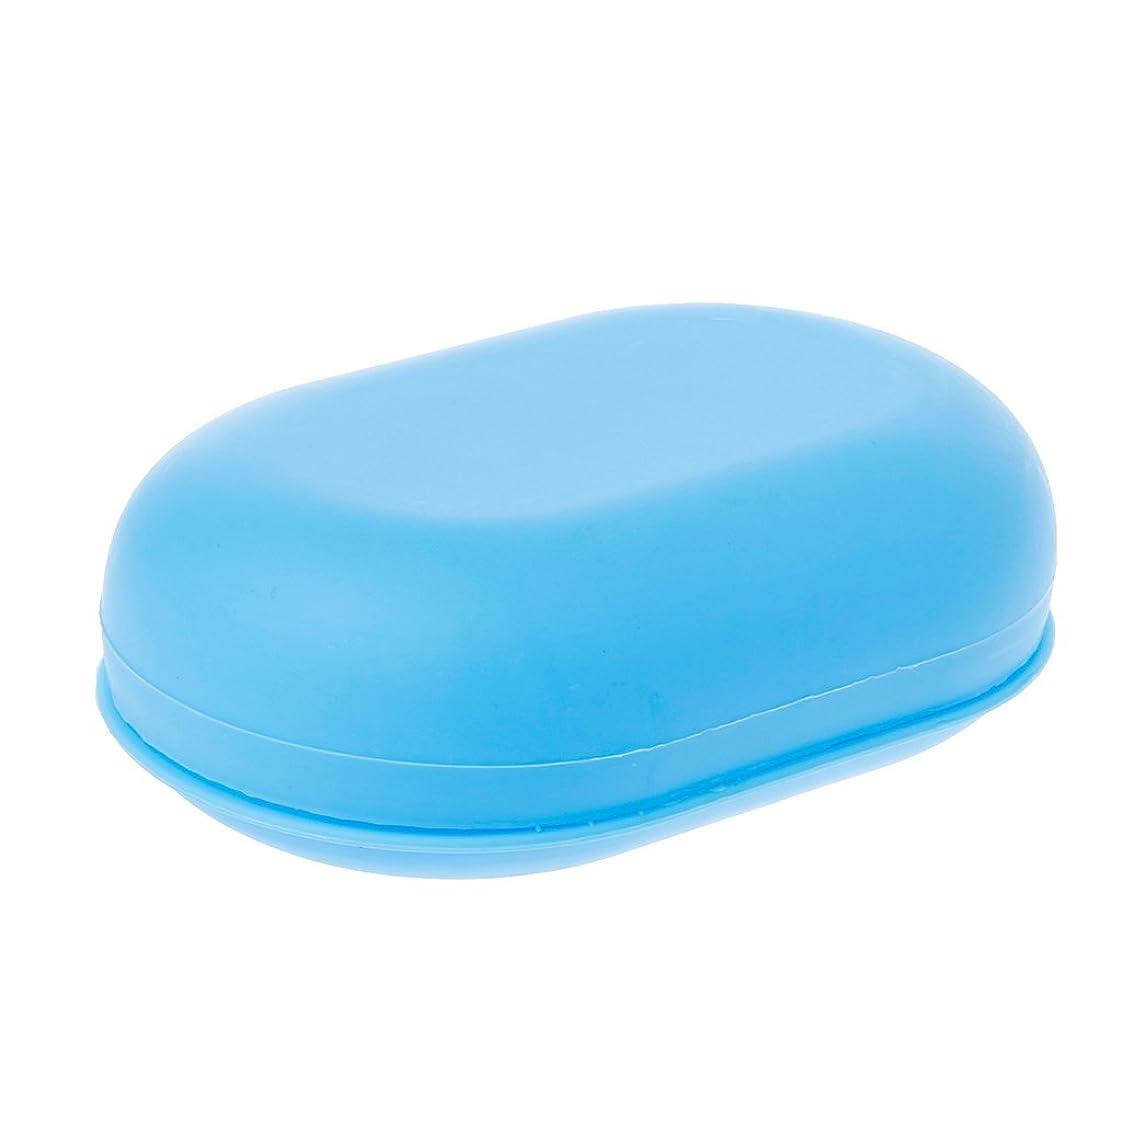 優先アプローチほのかLamdooポータブル旅行ホーム浴室のシャワーソープボックスプレート皿ホルダーケースコンテナブルー